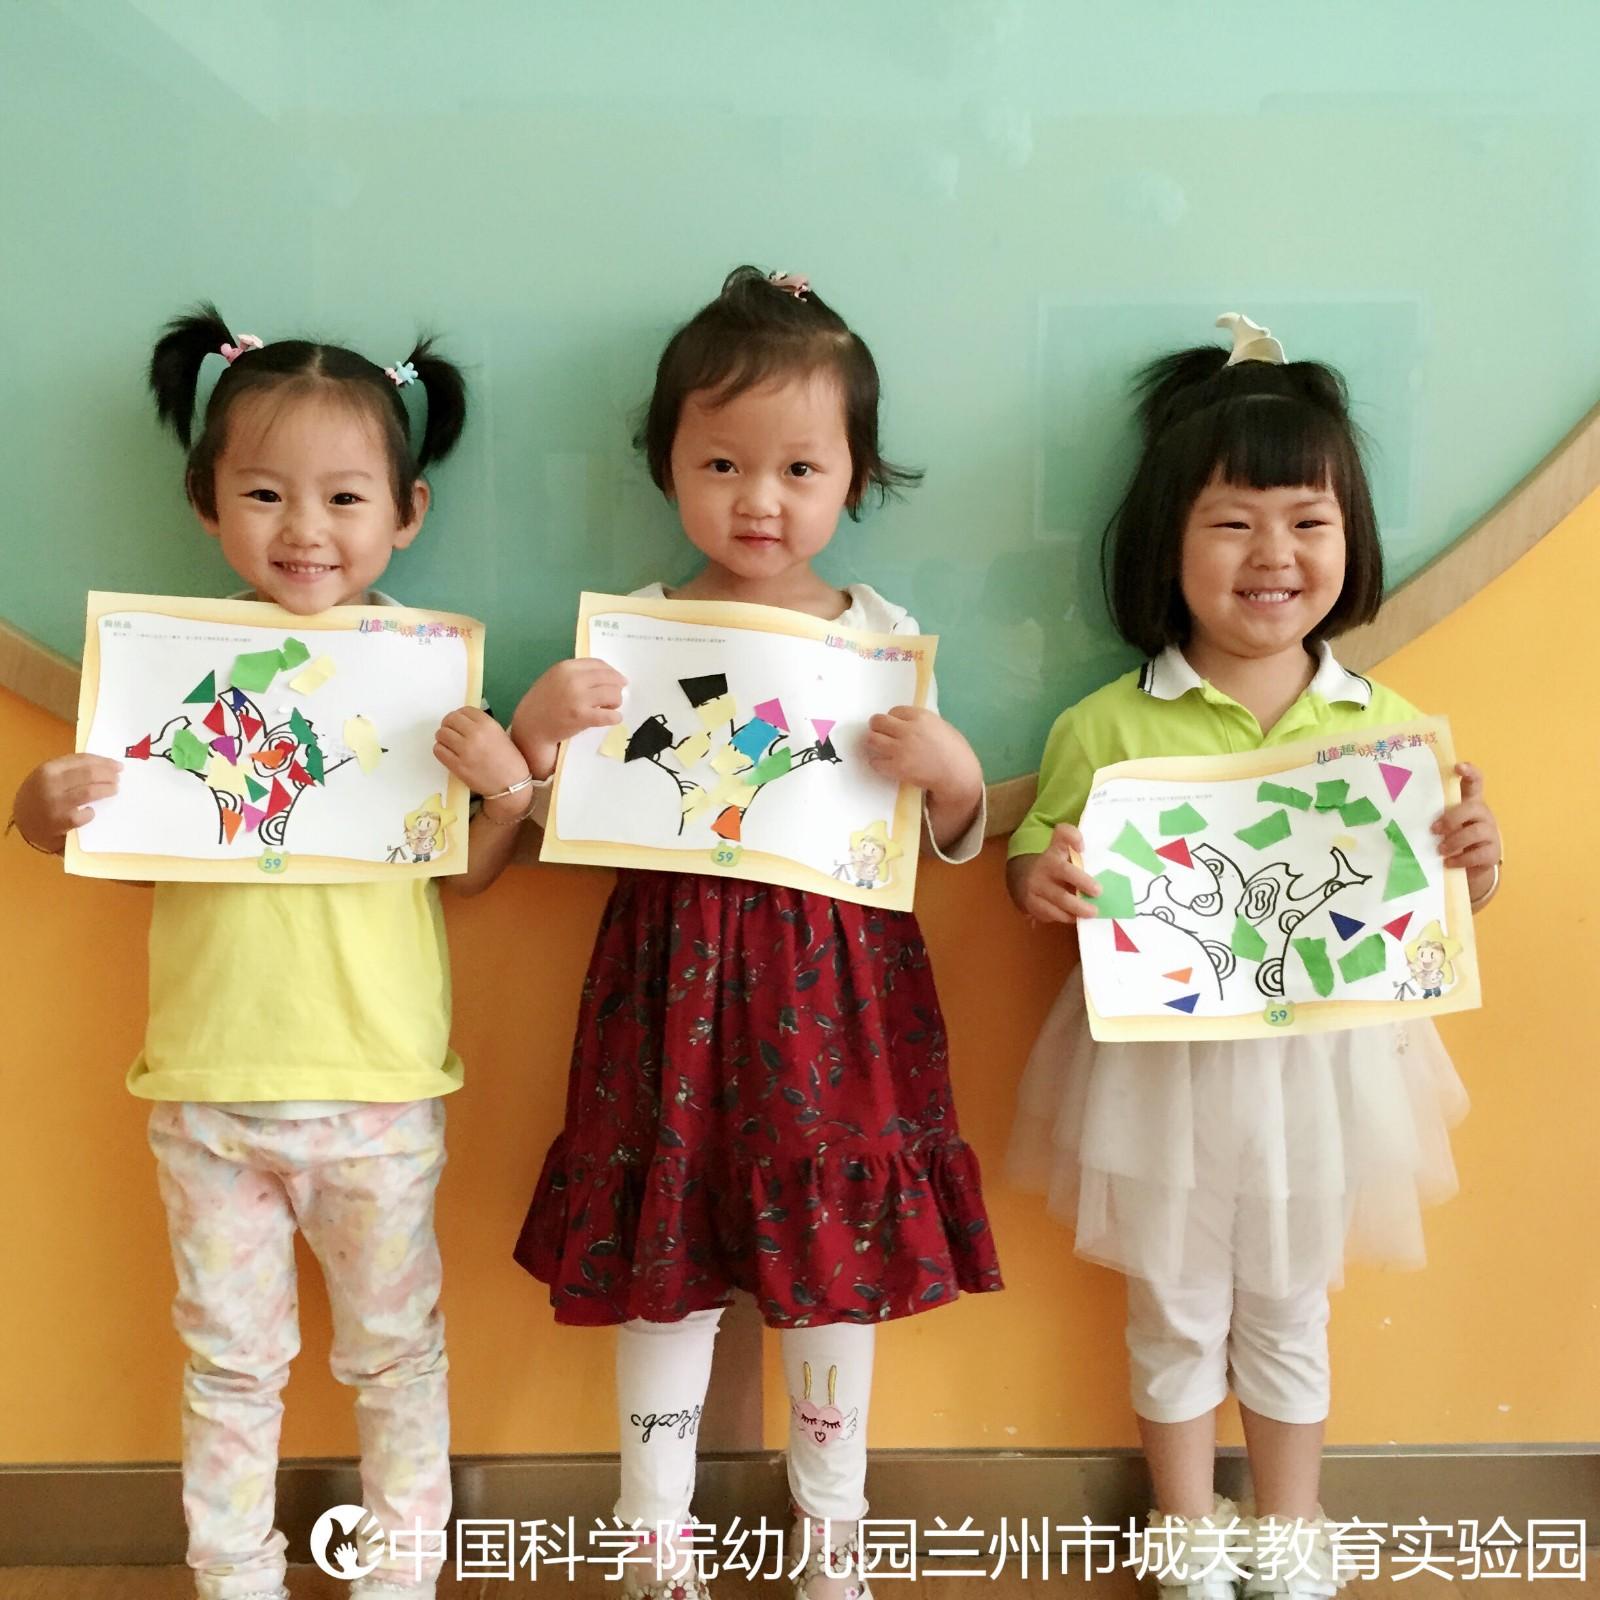 创意美术|创意美术-中国科学院幼儿园